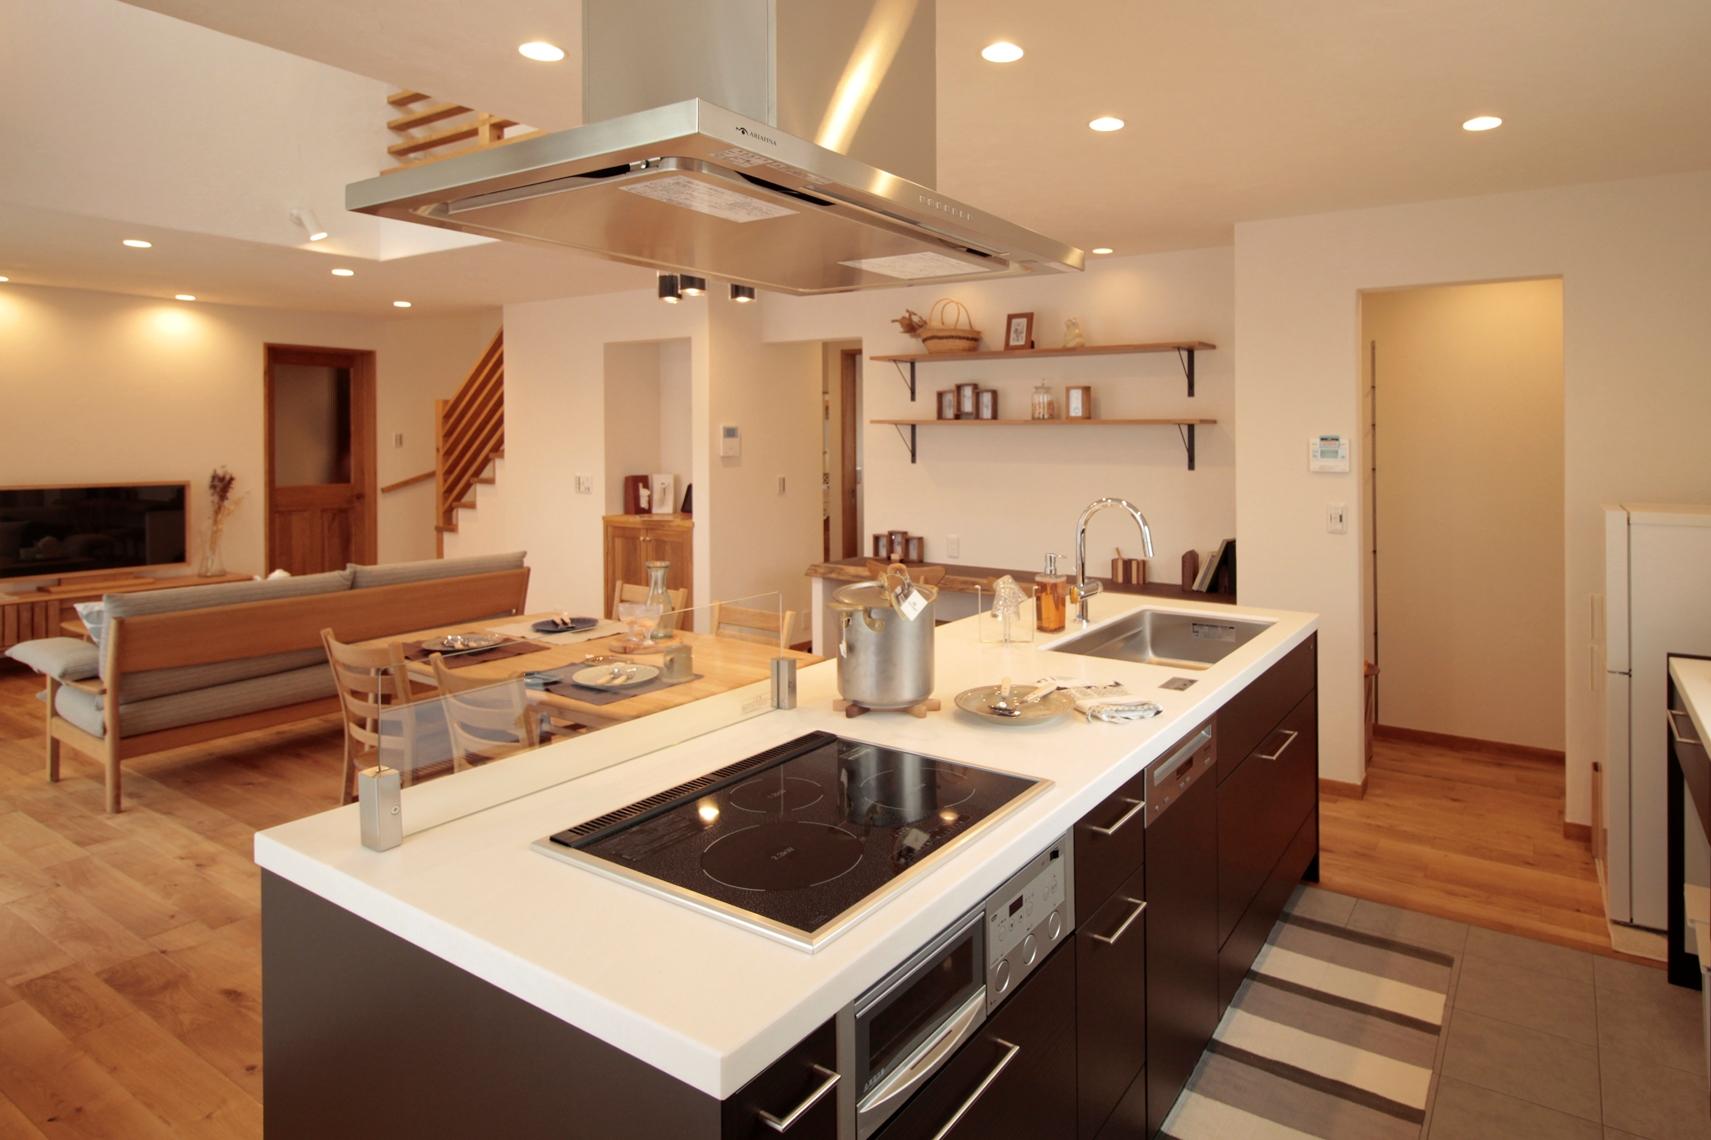 ディープブラウン色が空間のアクセントとなったオープンキッチン